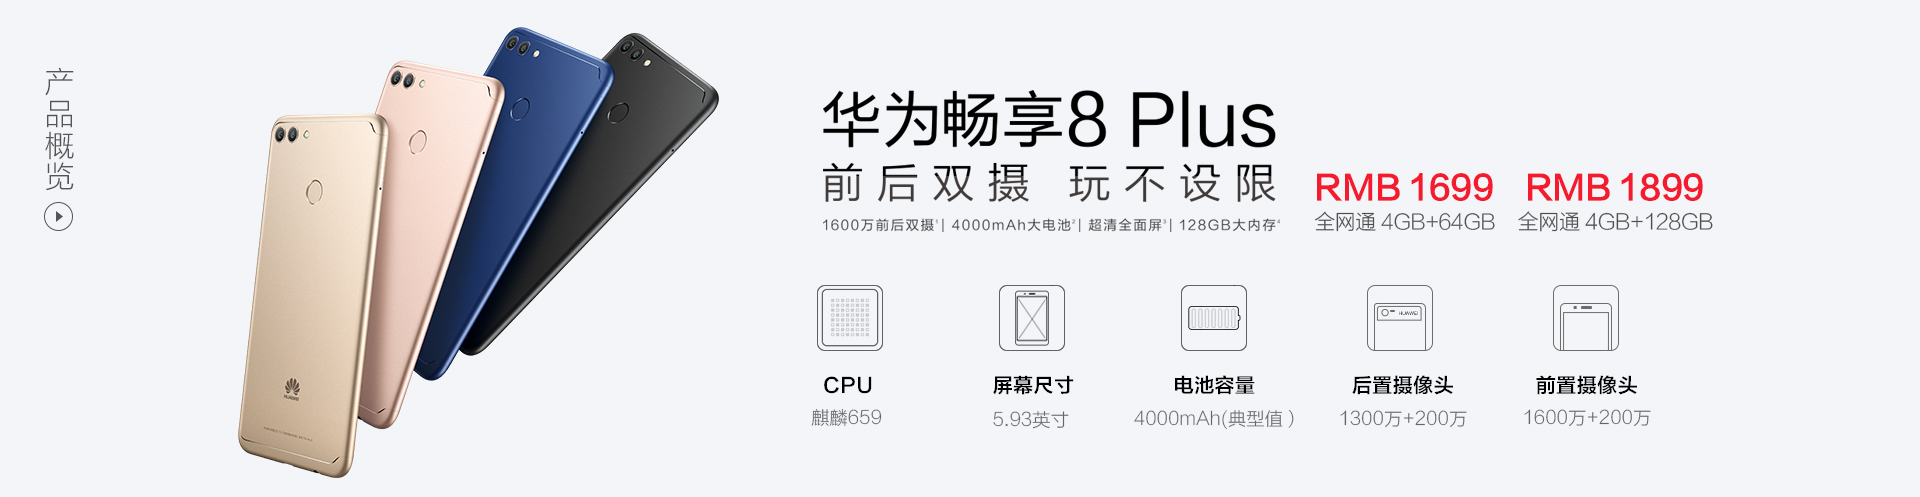 8p-PC_01.jpg